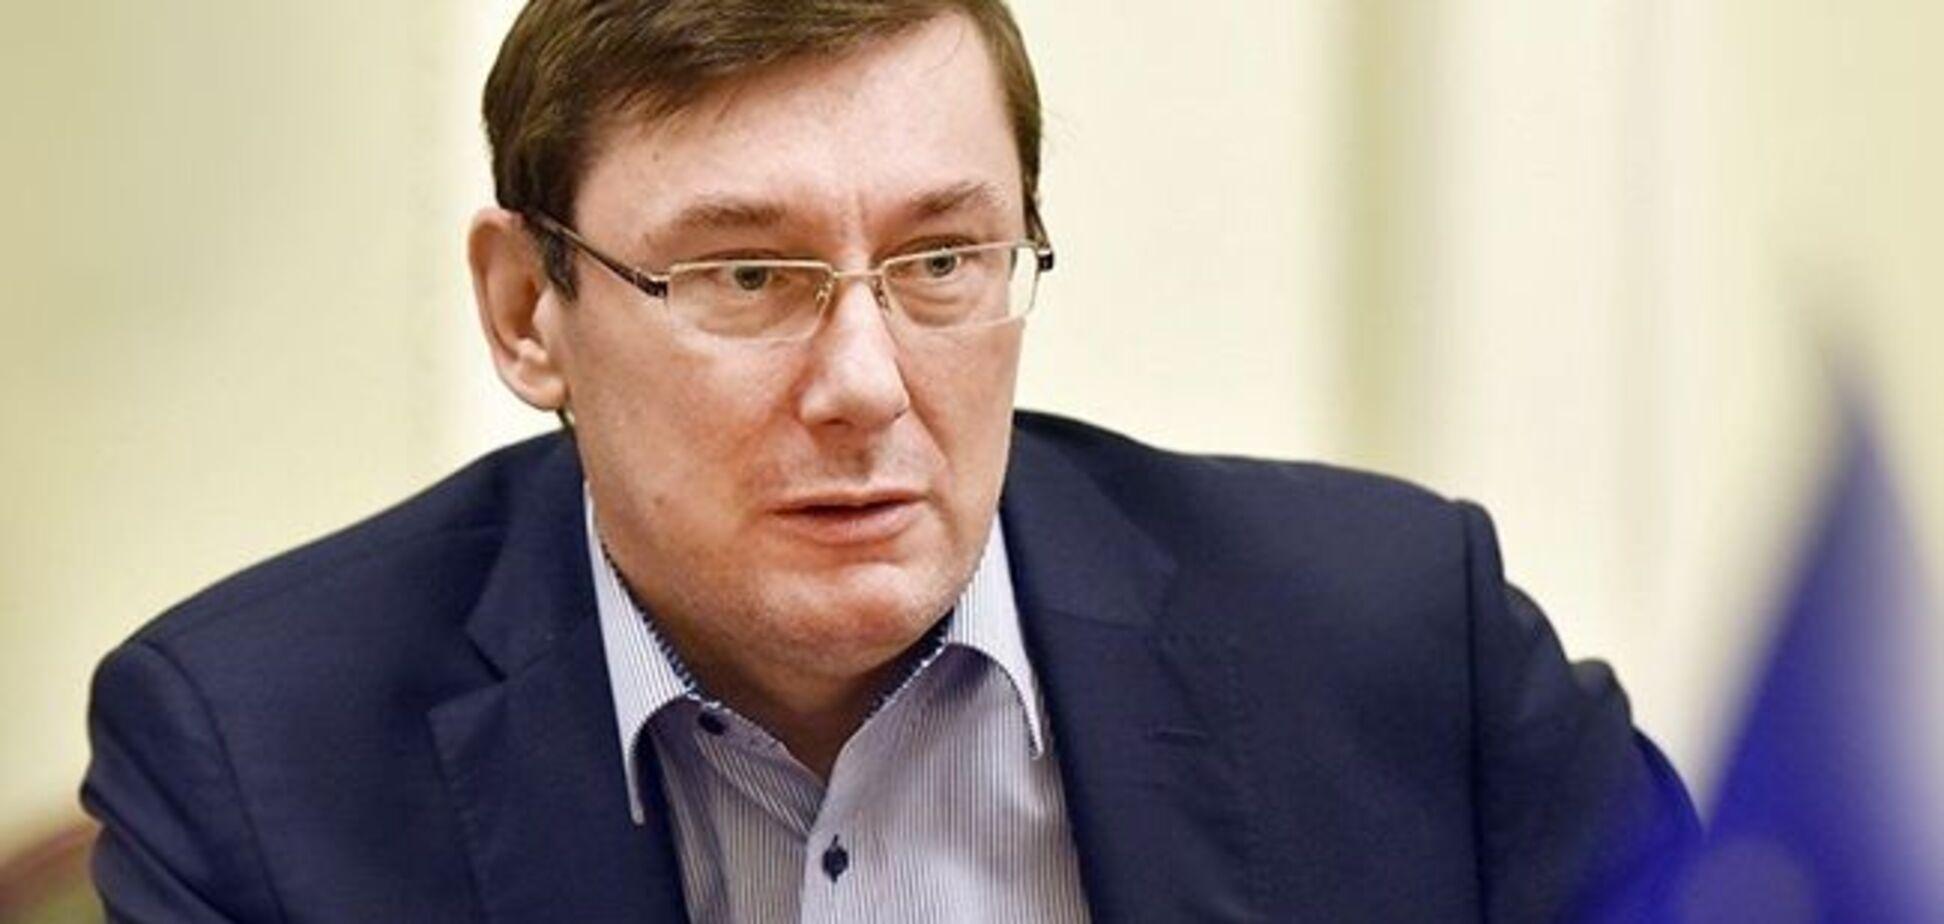 Дело Каськива: Луценко сообщил о неожиданном повороте